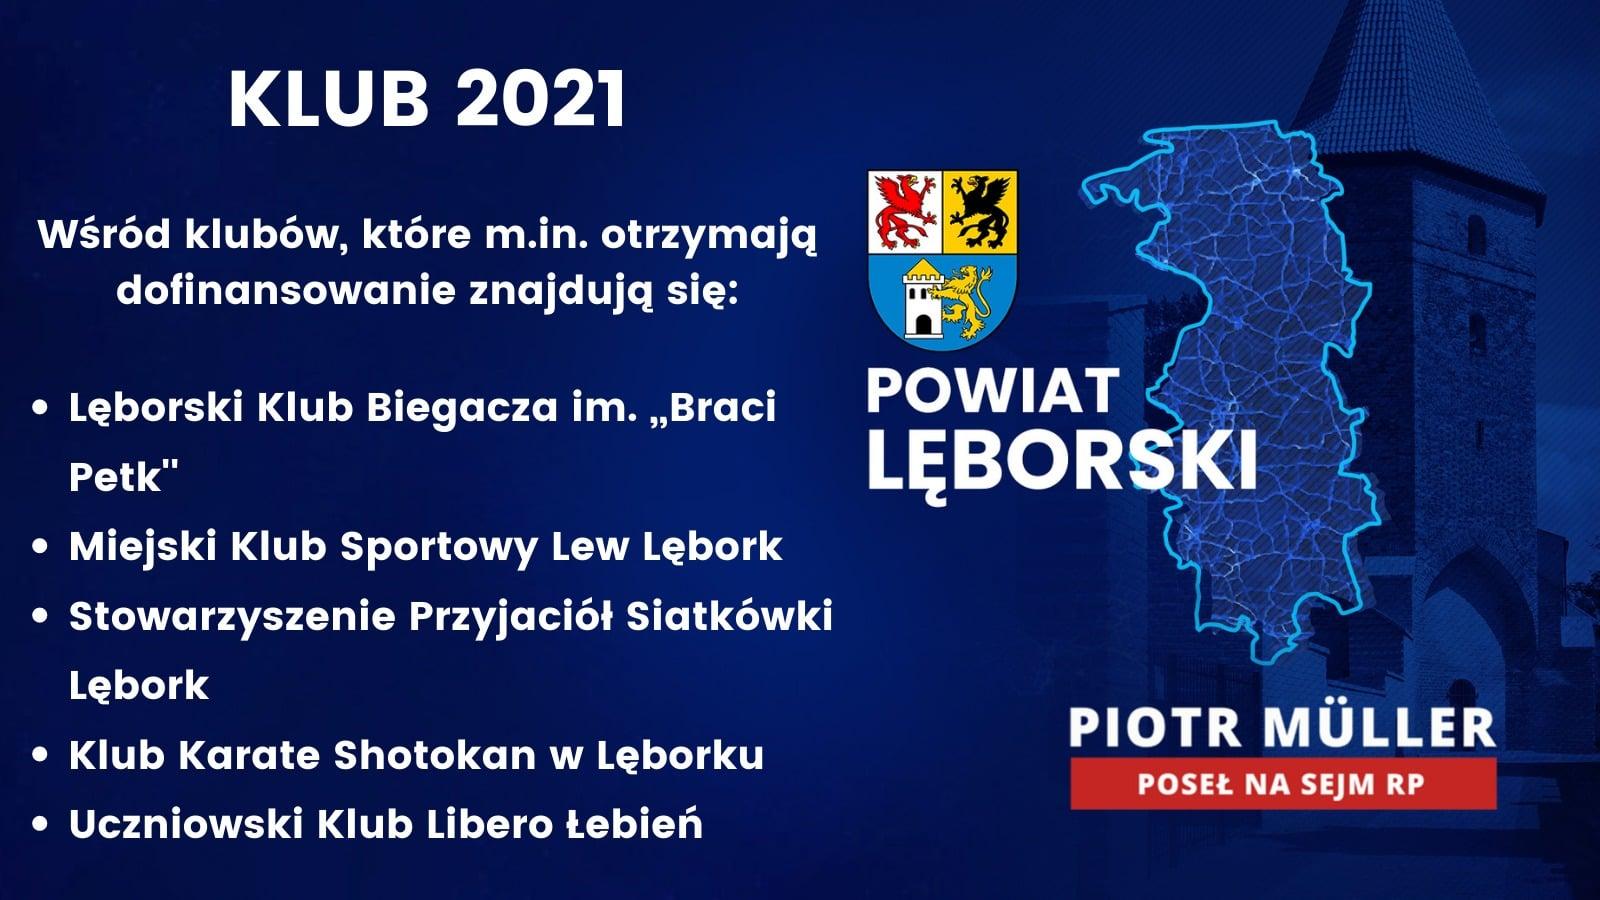 Rządowy Program KLUB 2021 w regionie lęborskim